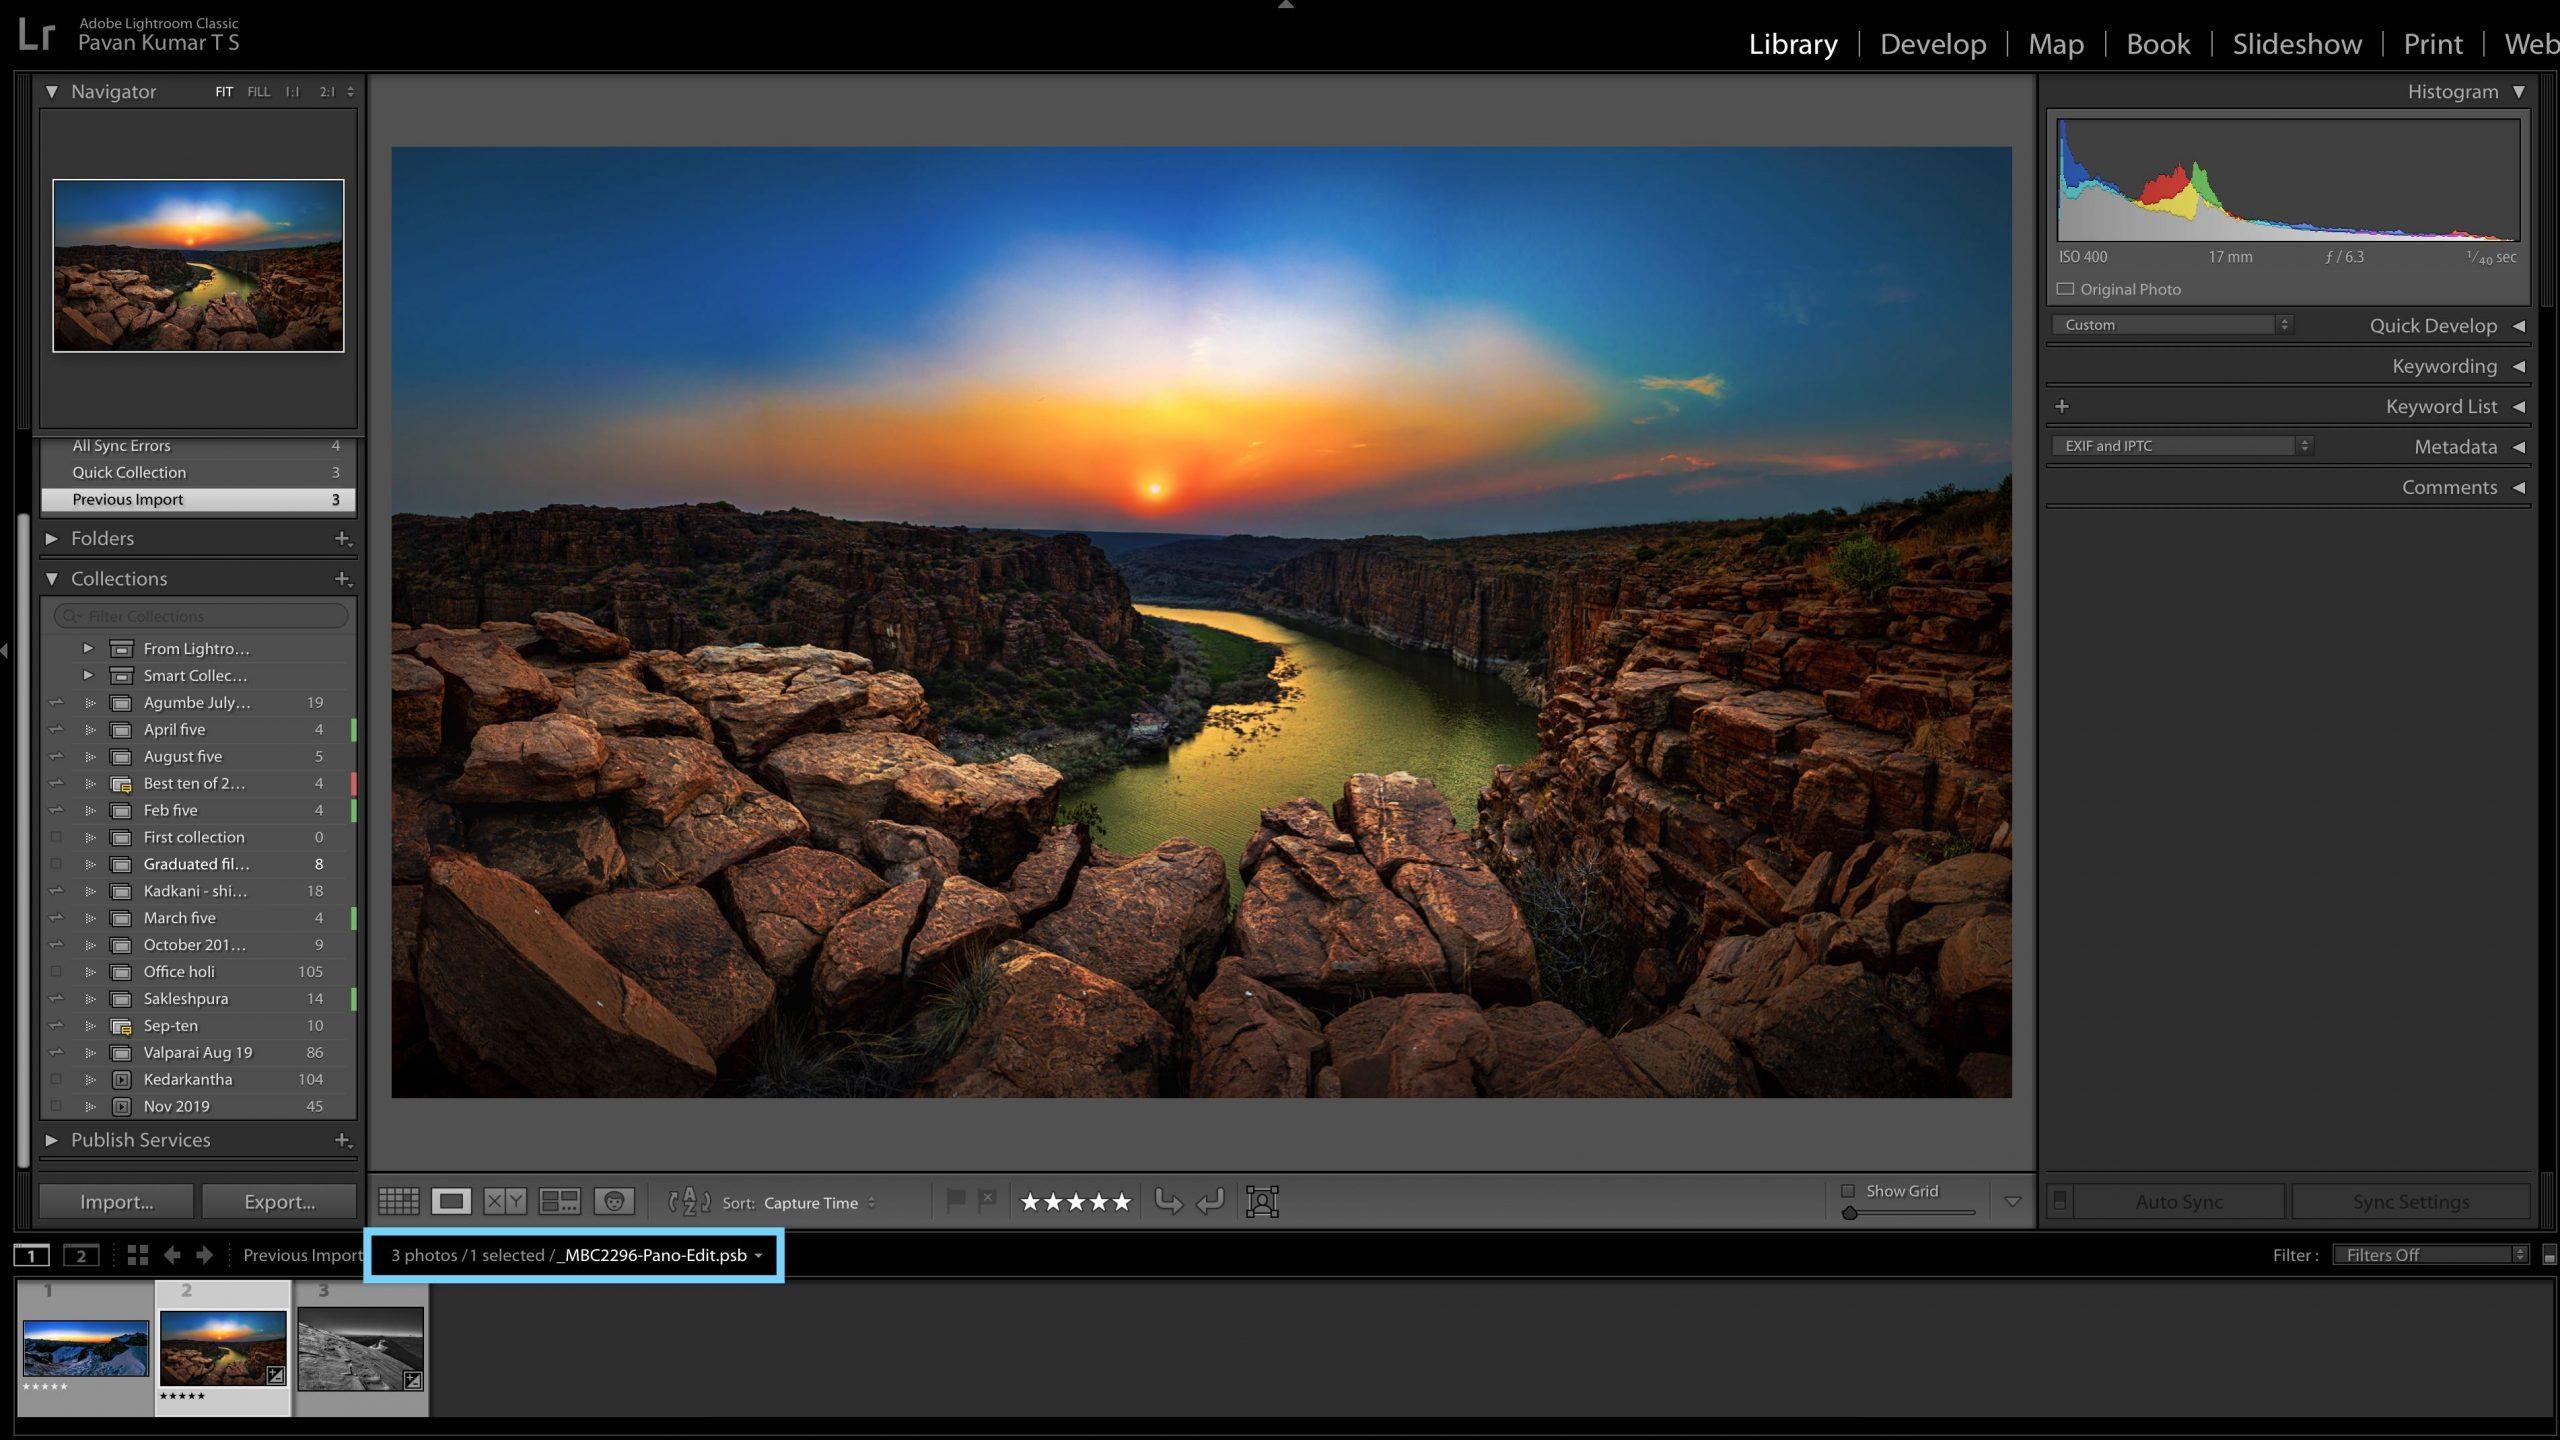 A Adobe traz novos recursos para o Lightroom, como o Split View no iPad e novas opções de exportação 1